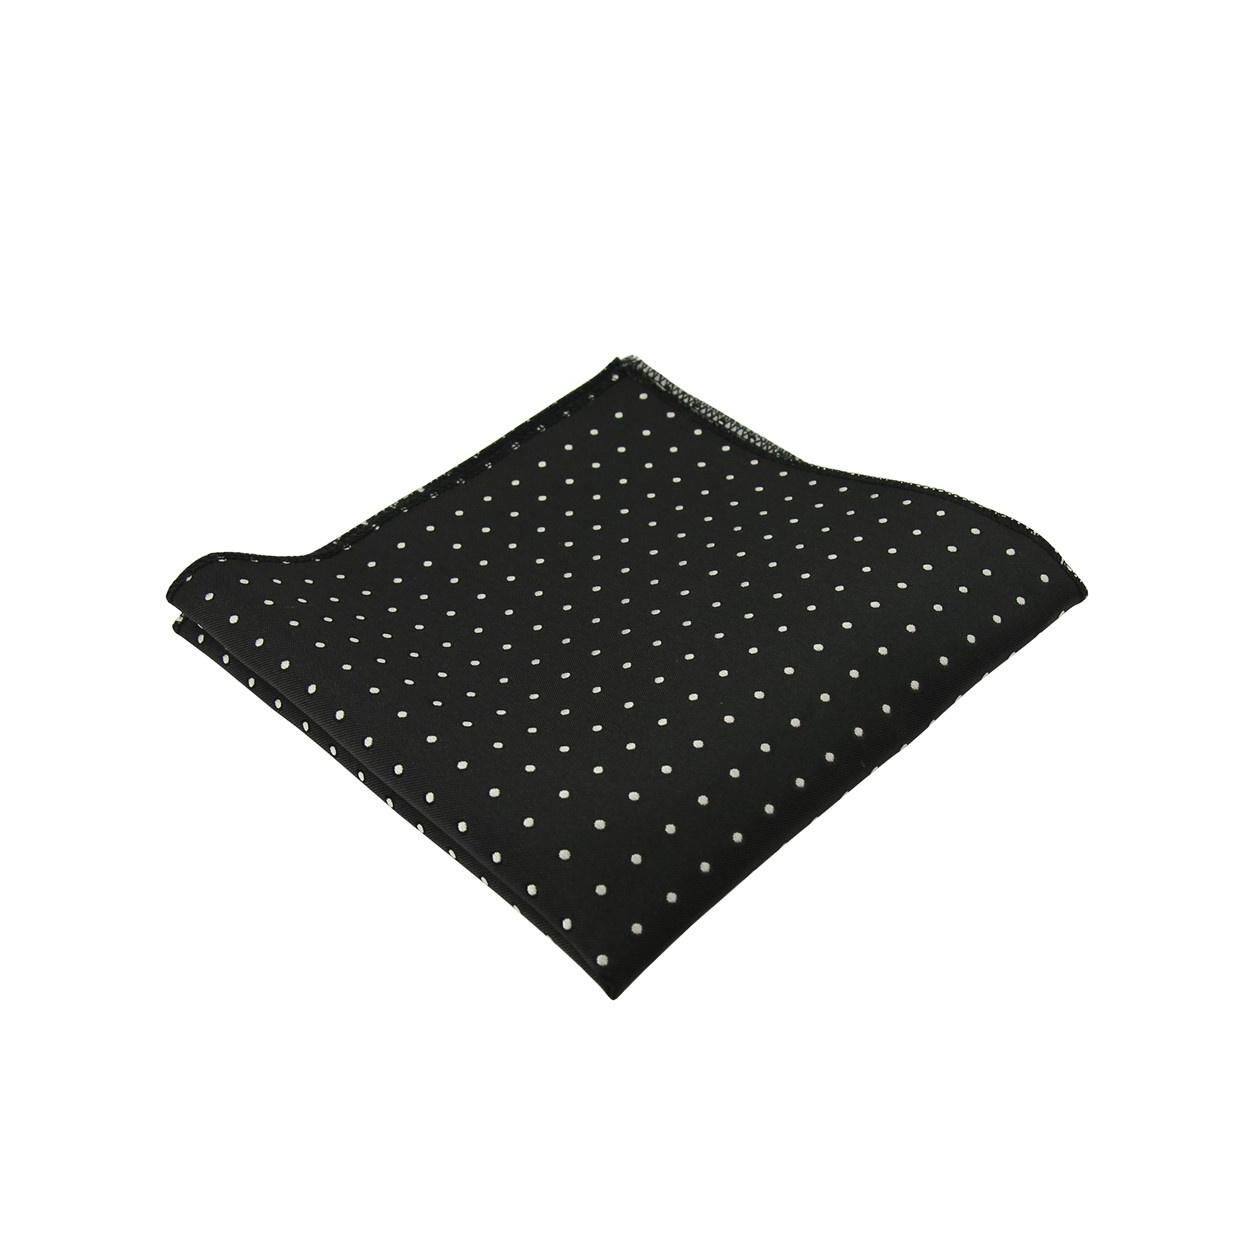 Černý pánský kapesníček do saka s bílými puntíky